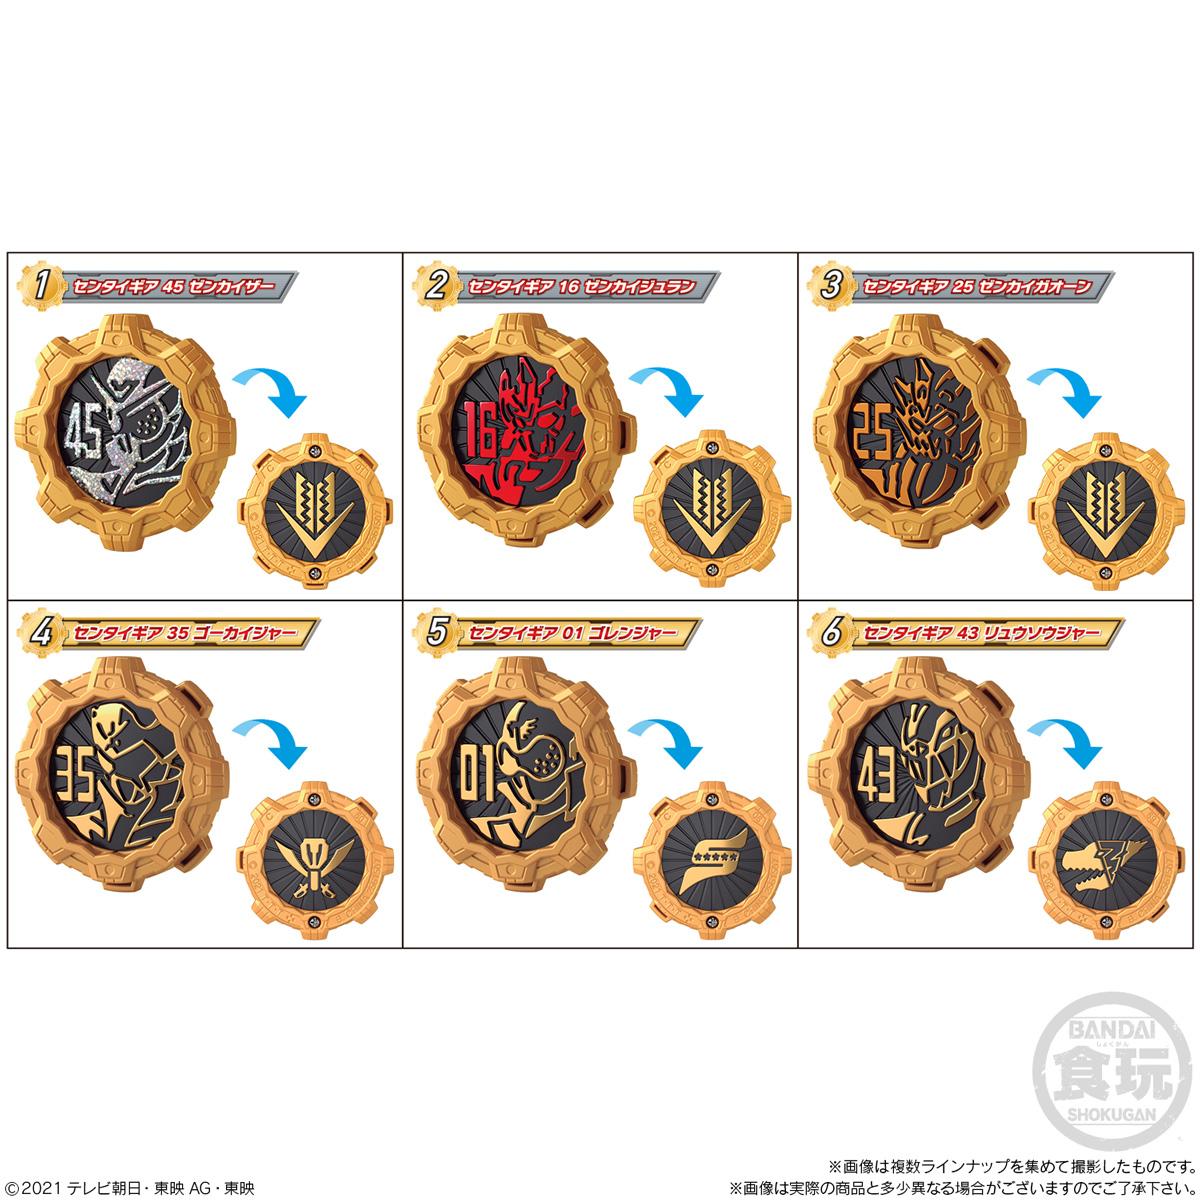 【食玩】機界戦隊ゼンカイジャー『SGセンタイギア01』12個入りBOX-008